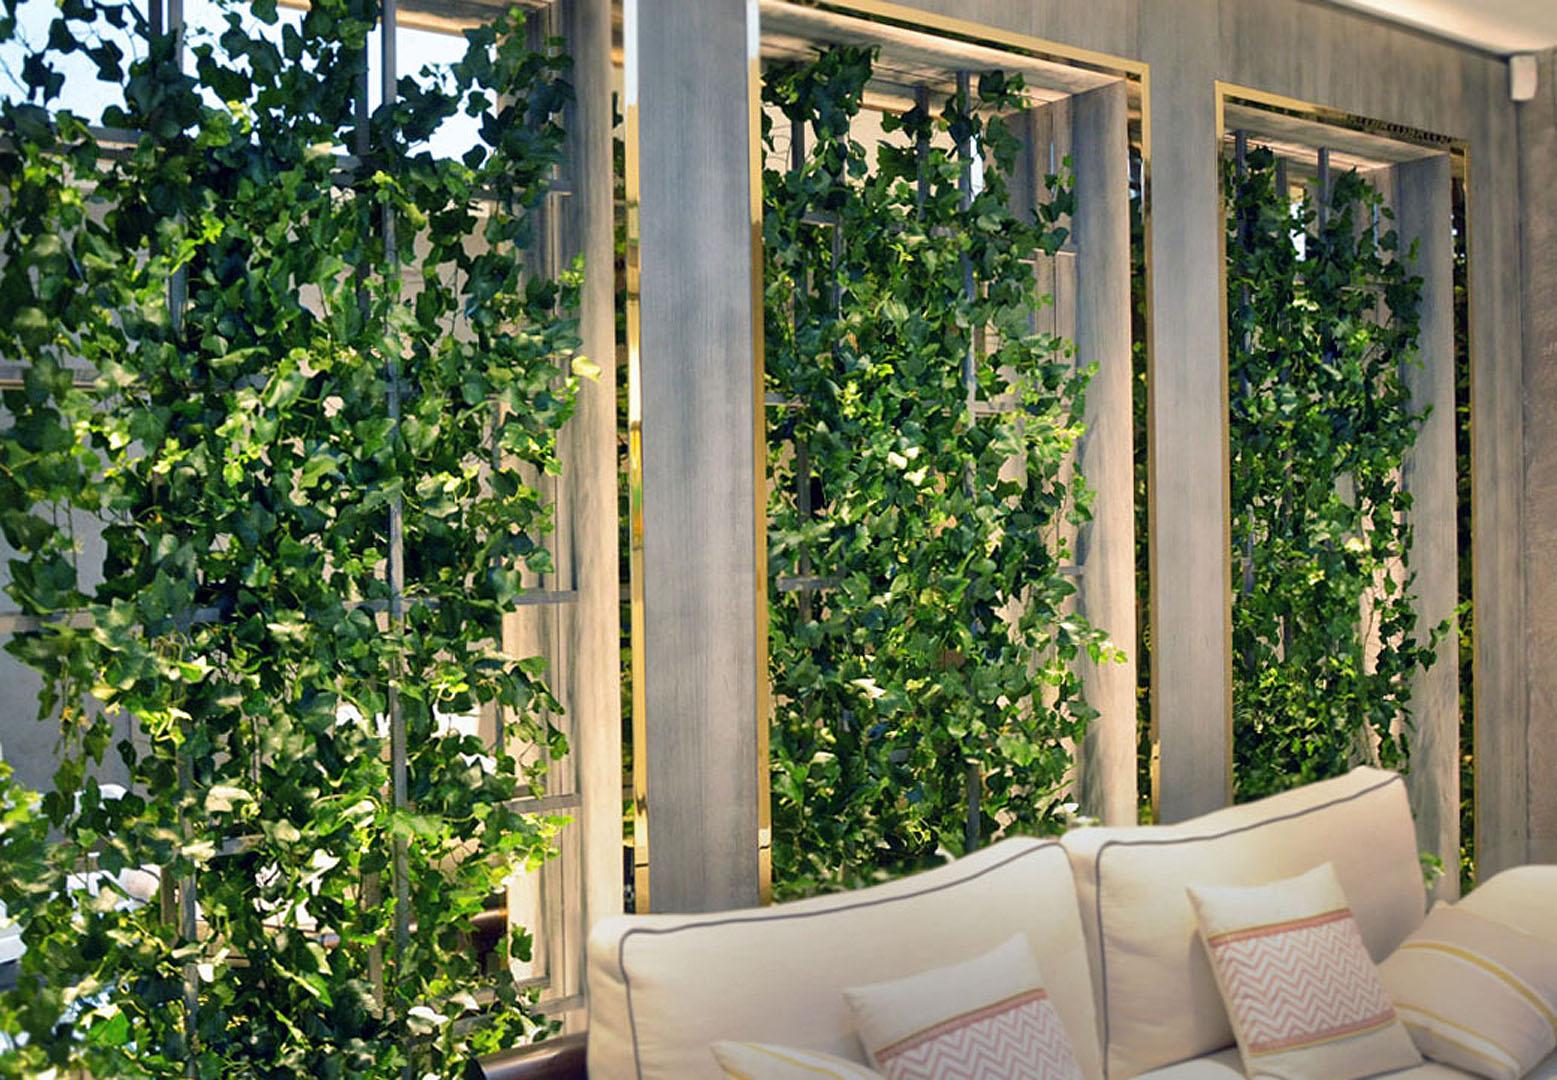 434 fake landscapes natural look ivy on clients framework